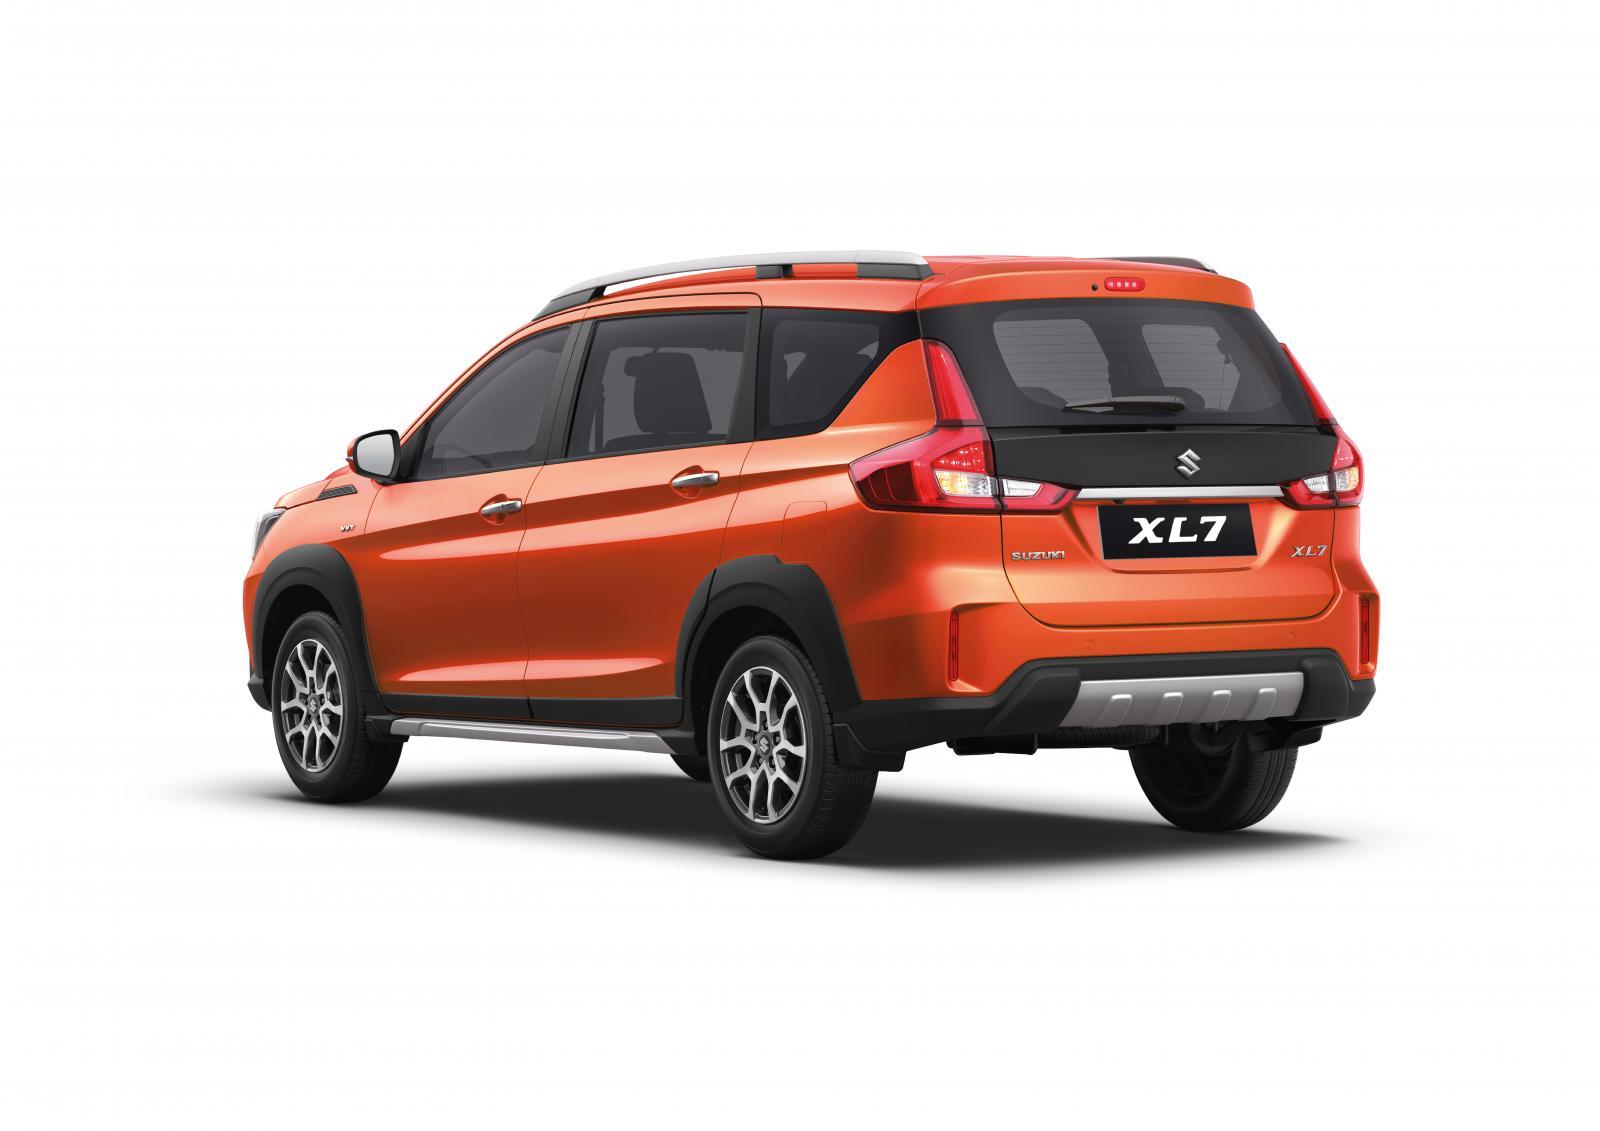 ราคาและตารางผ่อน ดาวน์ Suzuki XL7 2020